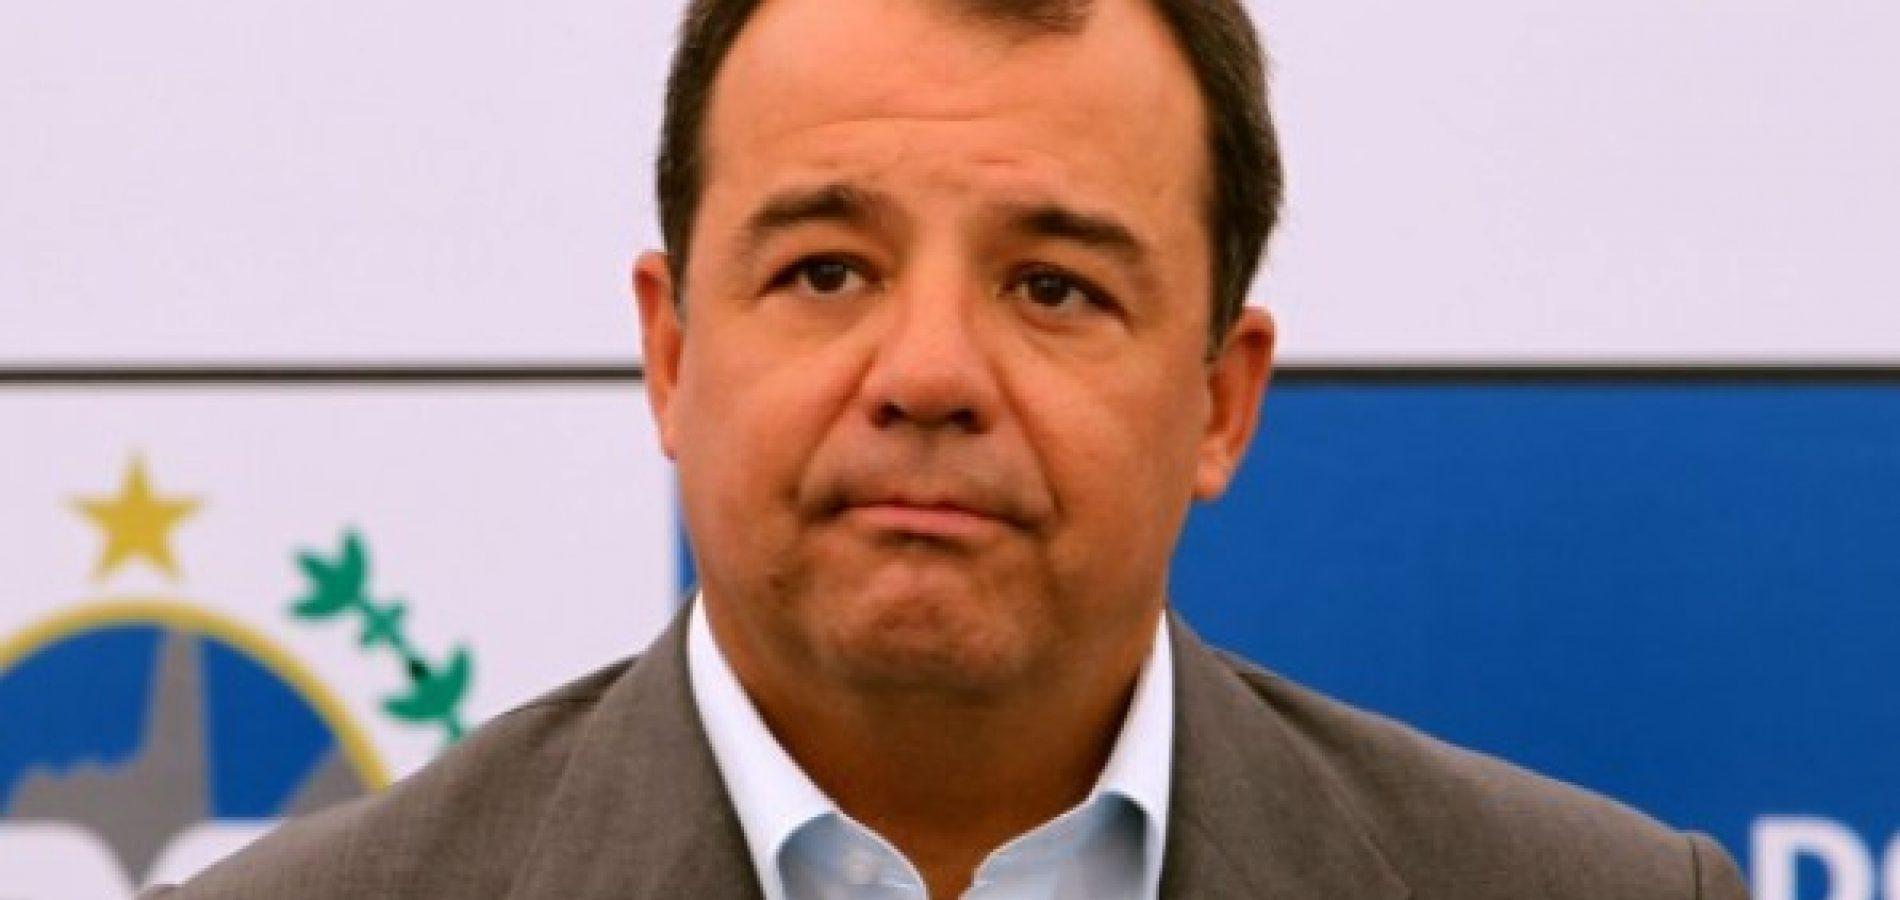 Cabral é punido com isolamento por ter instalado seu próprio cinema na prisão